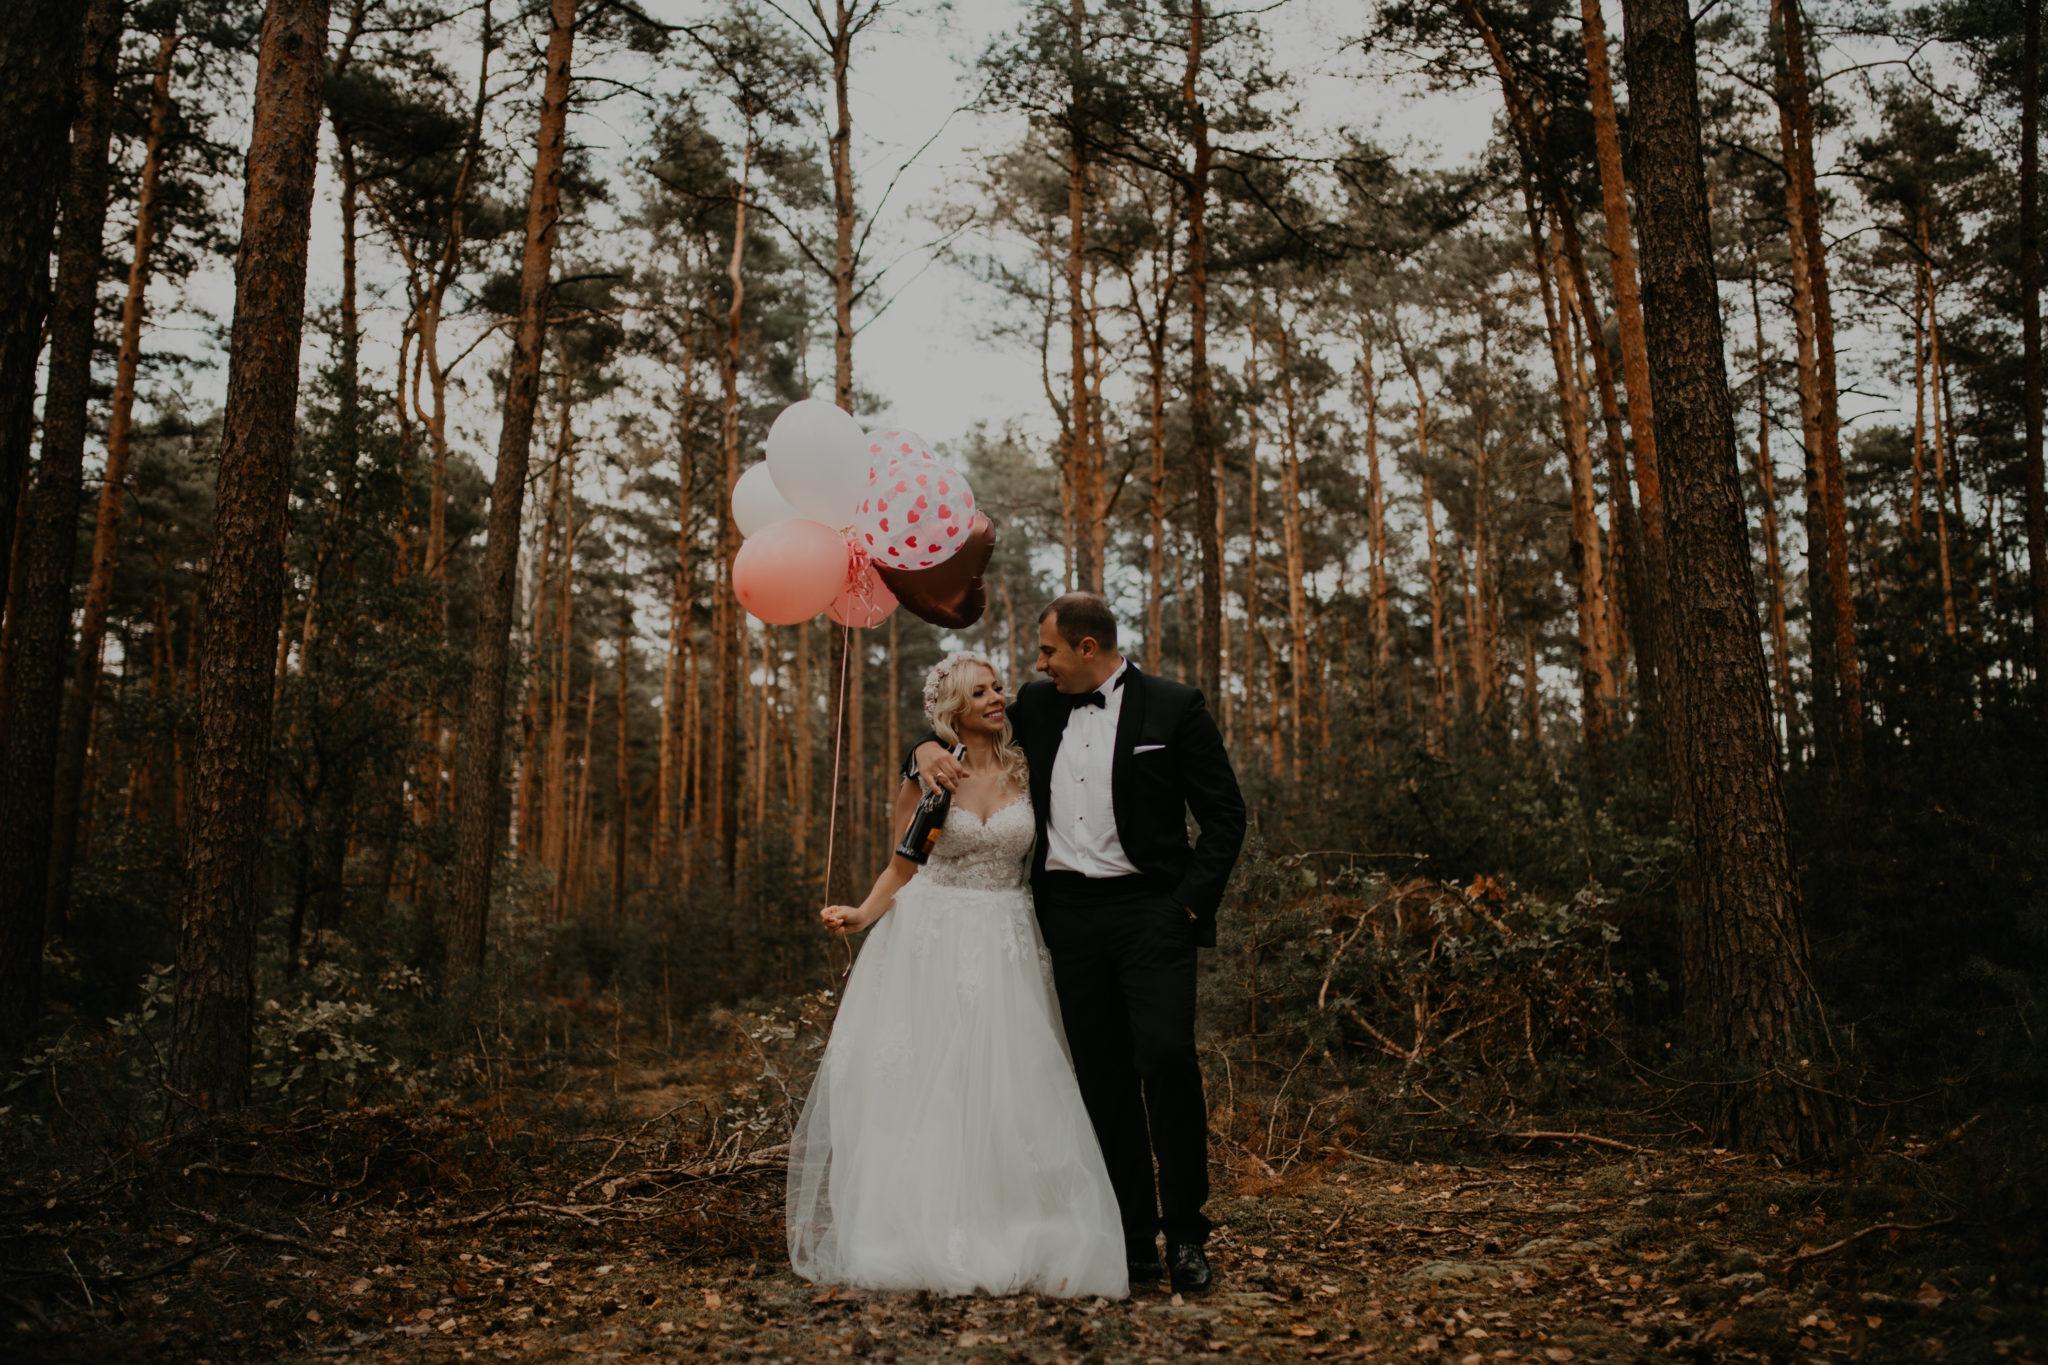 asia i mateuszplener 21 - fotografiaam Fotografia ślubna RK wedding